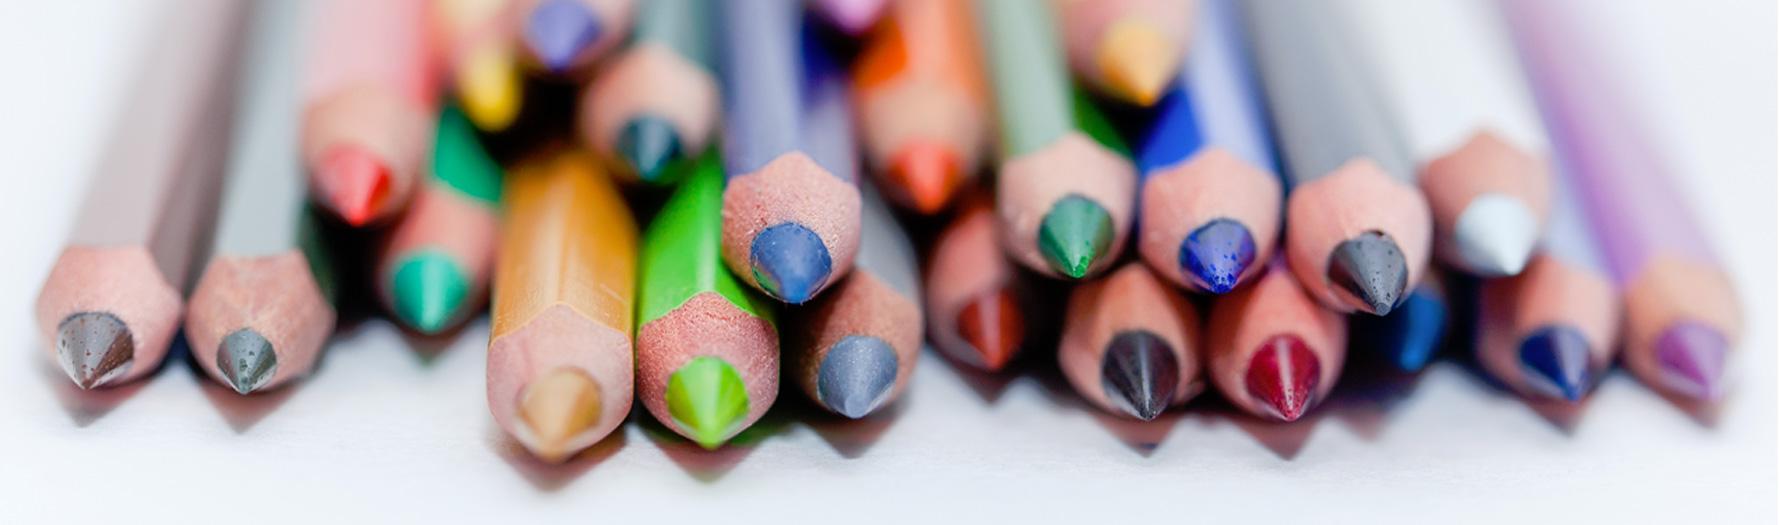 Detalkusi, diseño gráfico, diseño web y comunicación visual